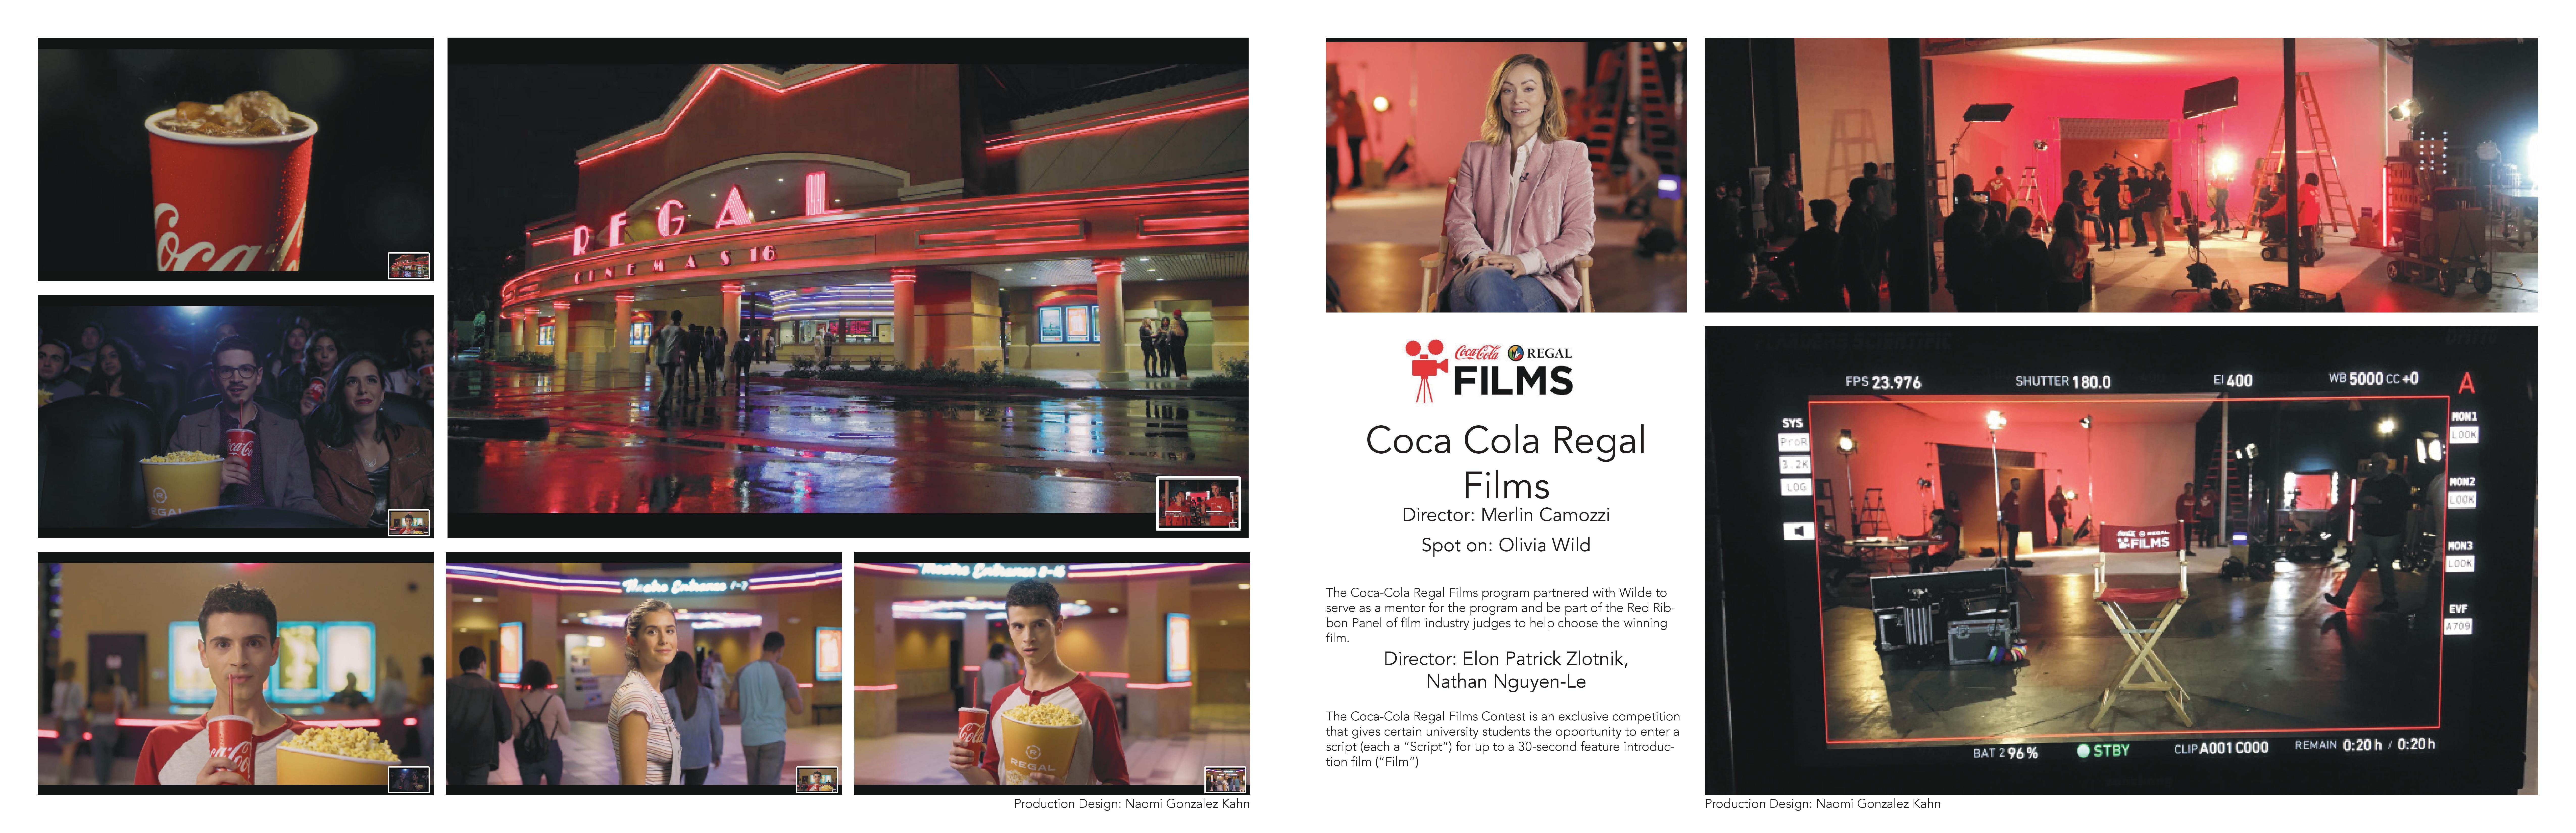 Coca Cola Regal Films